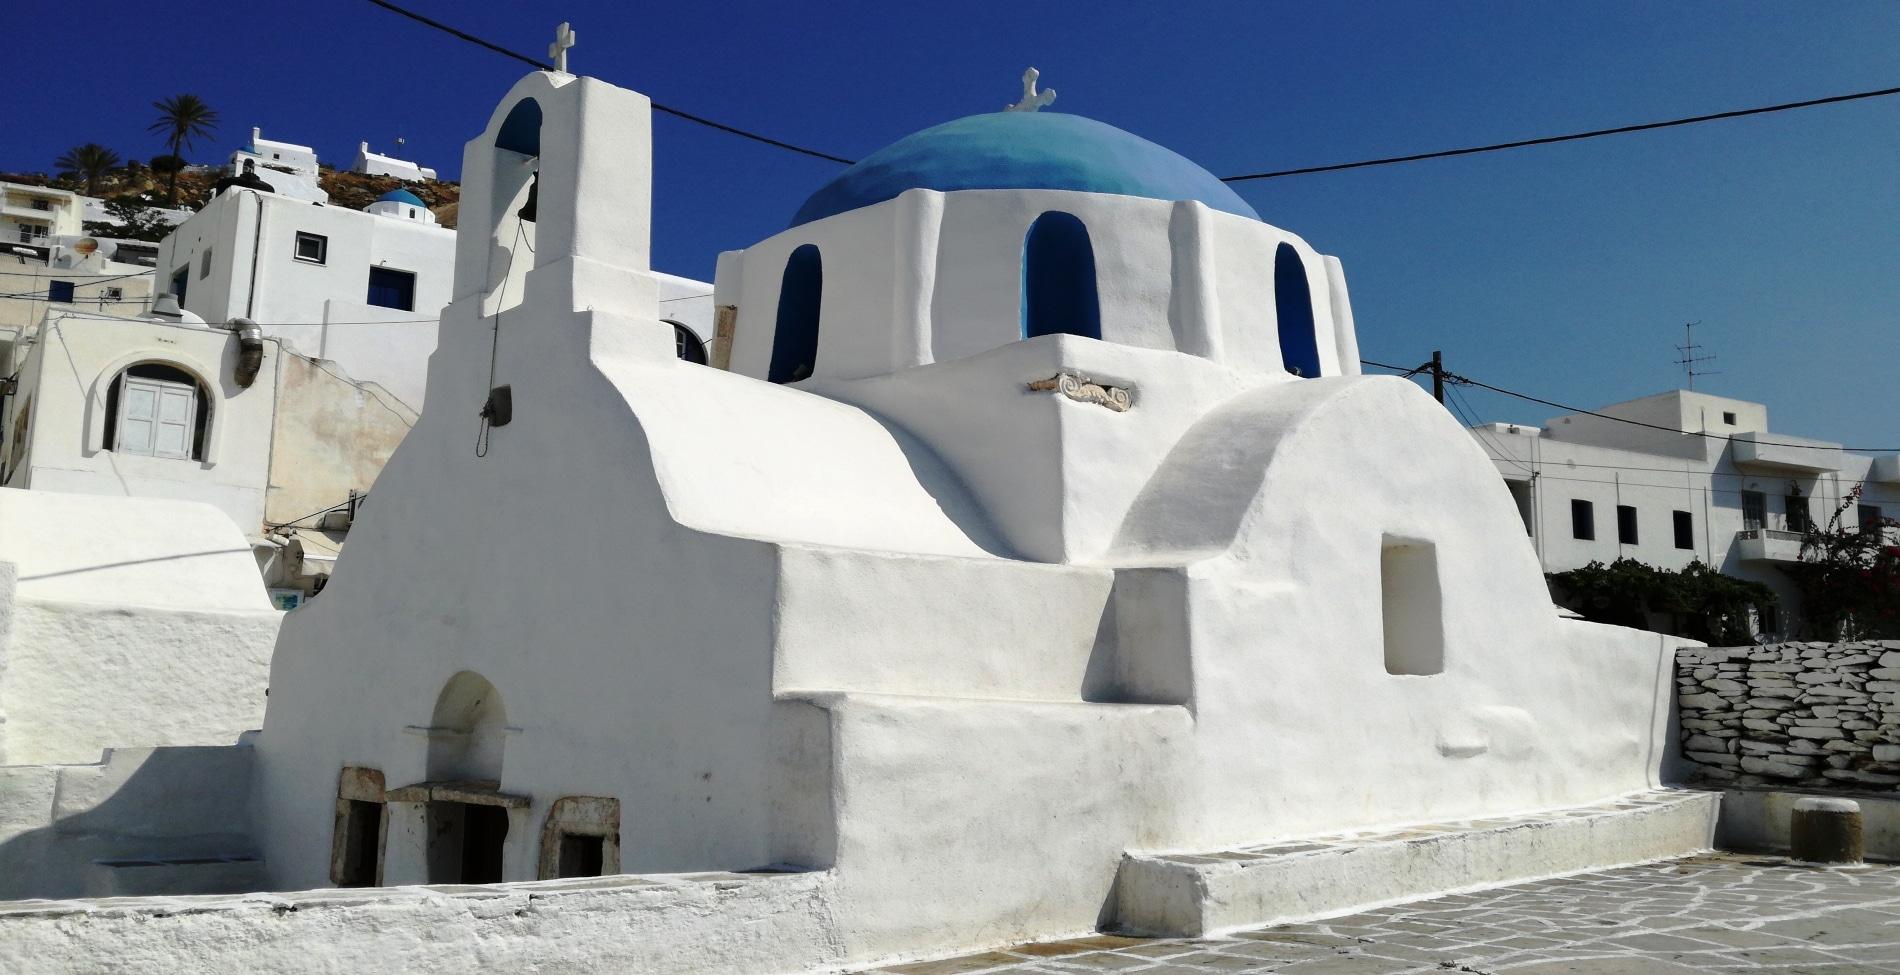 Το ελληνικό νησί που μπήκε στη λίστα με τα 100 πιο εντυπωσιακά του κόσμου